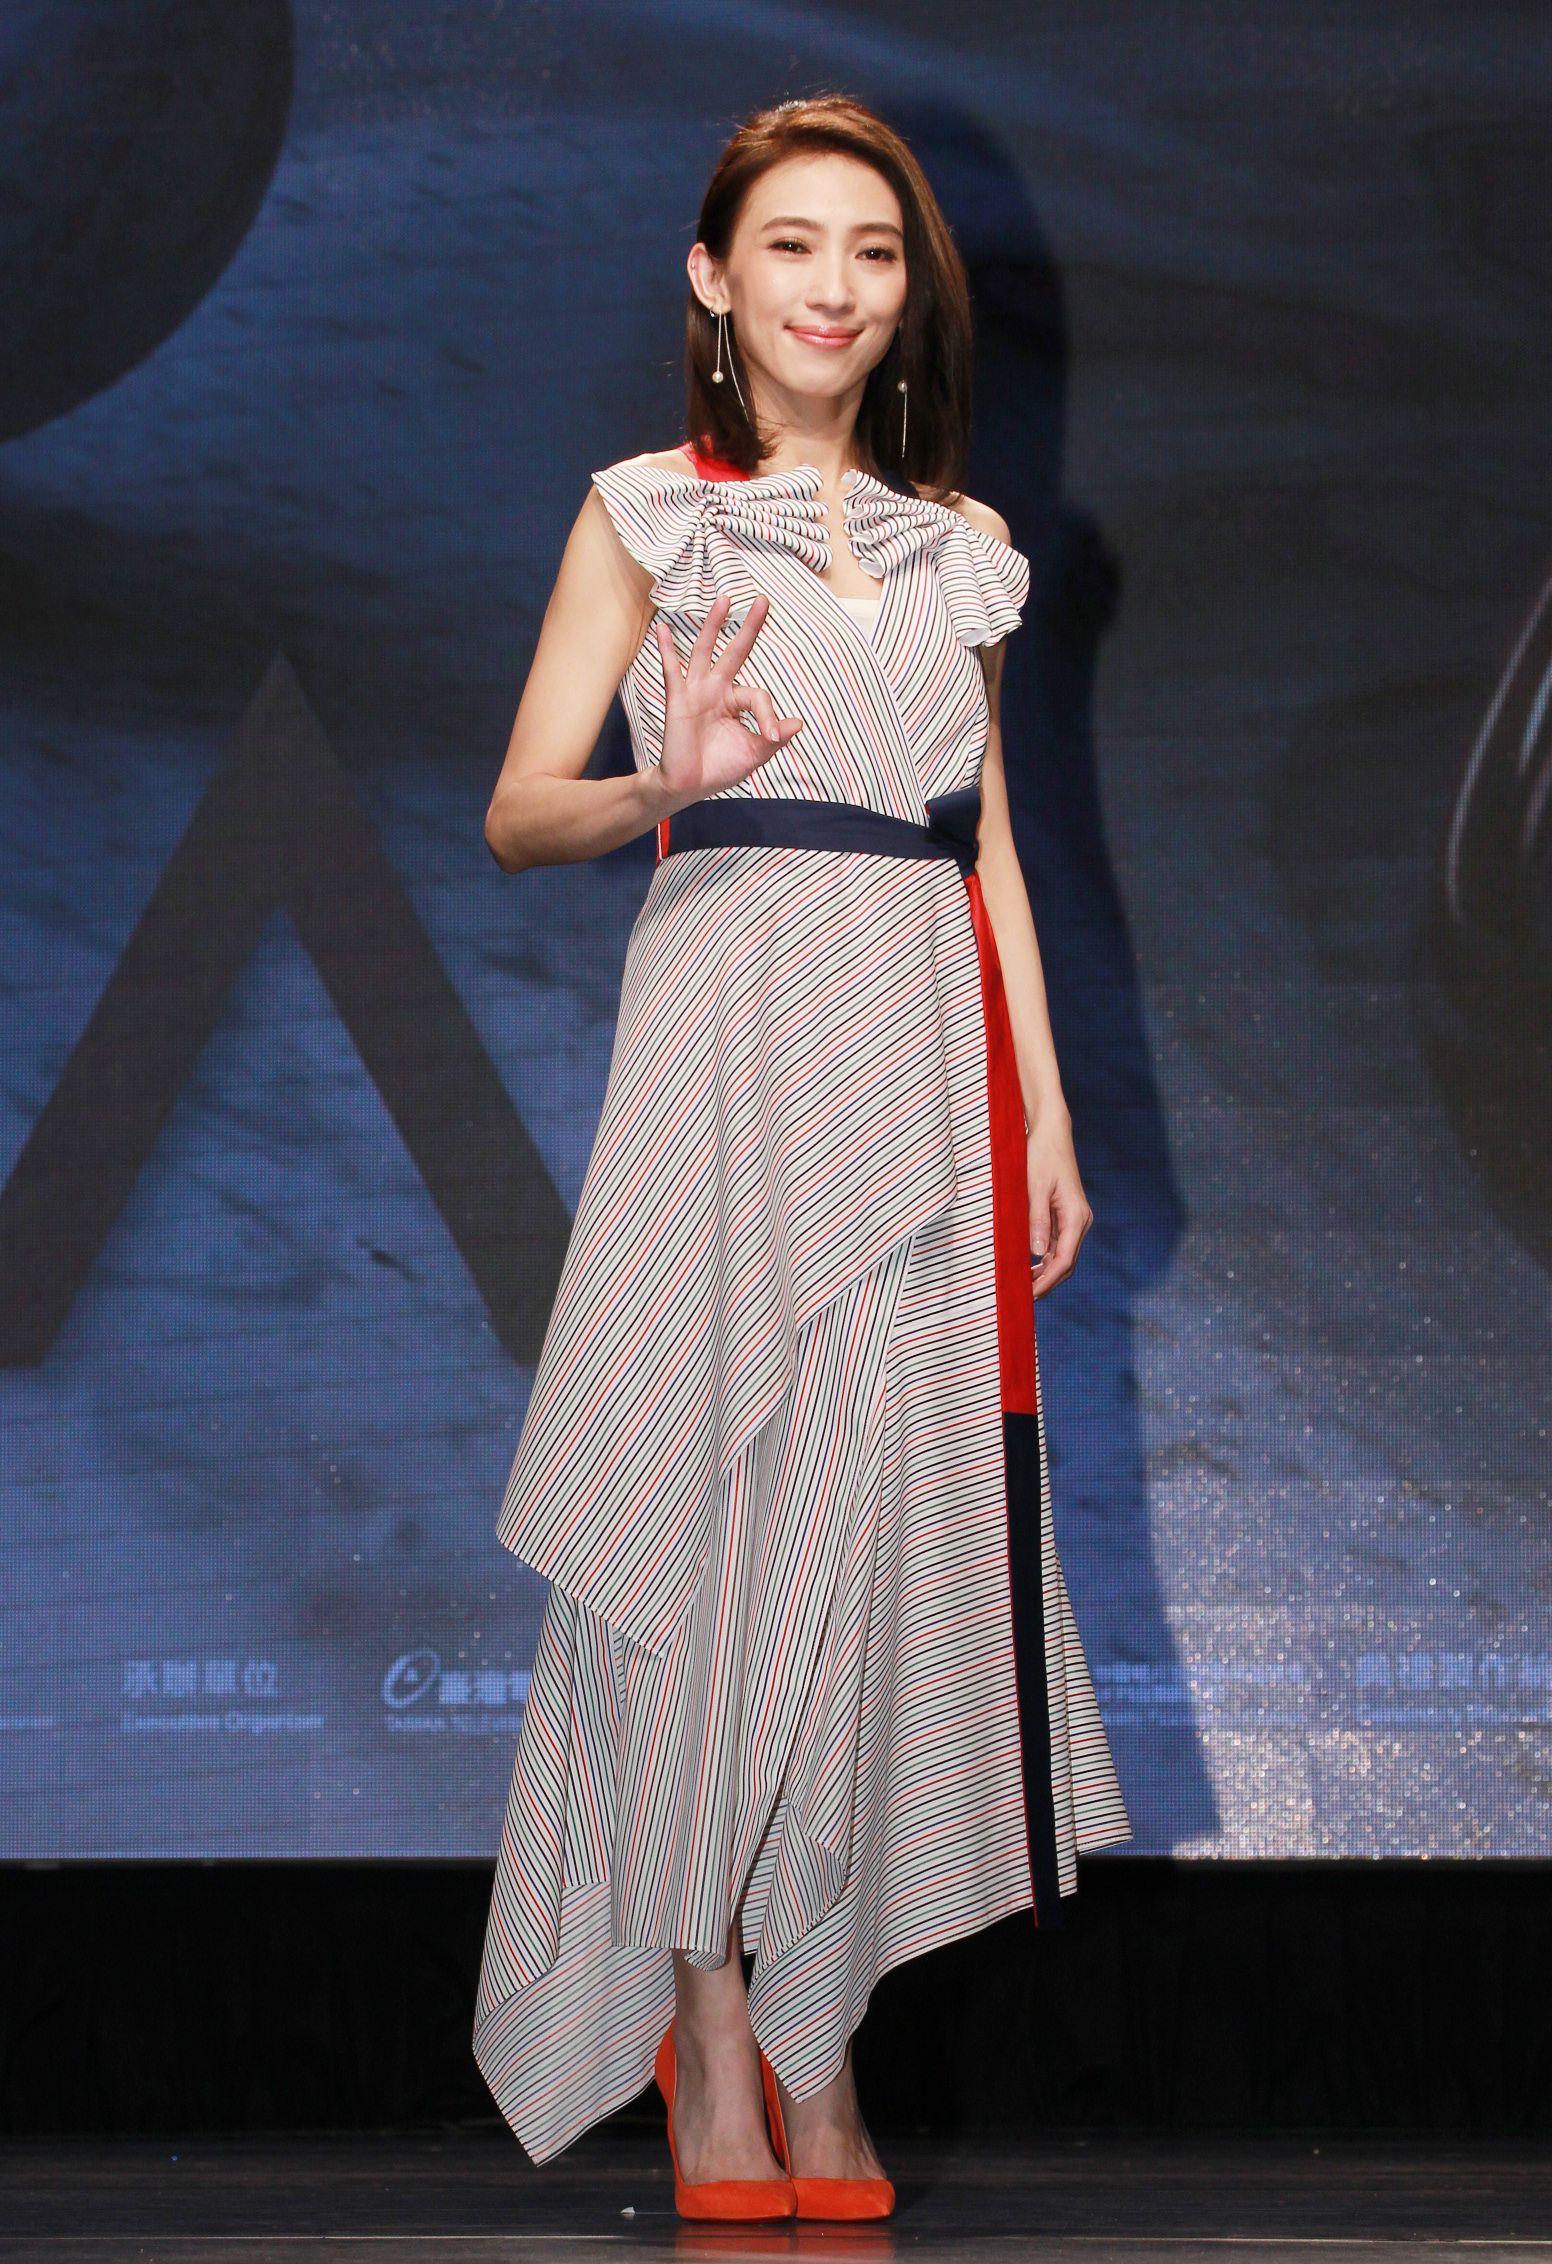 戴佩妮公布第30屆金曲獎入圍名單。(記者邱榮吉/攝影)